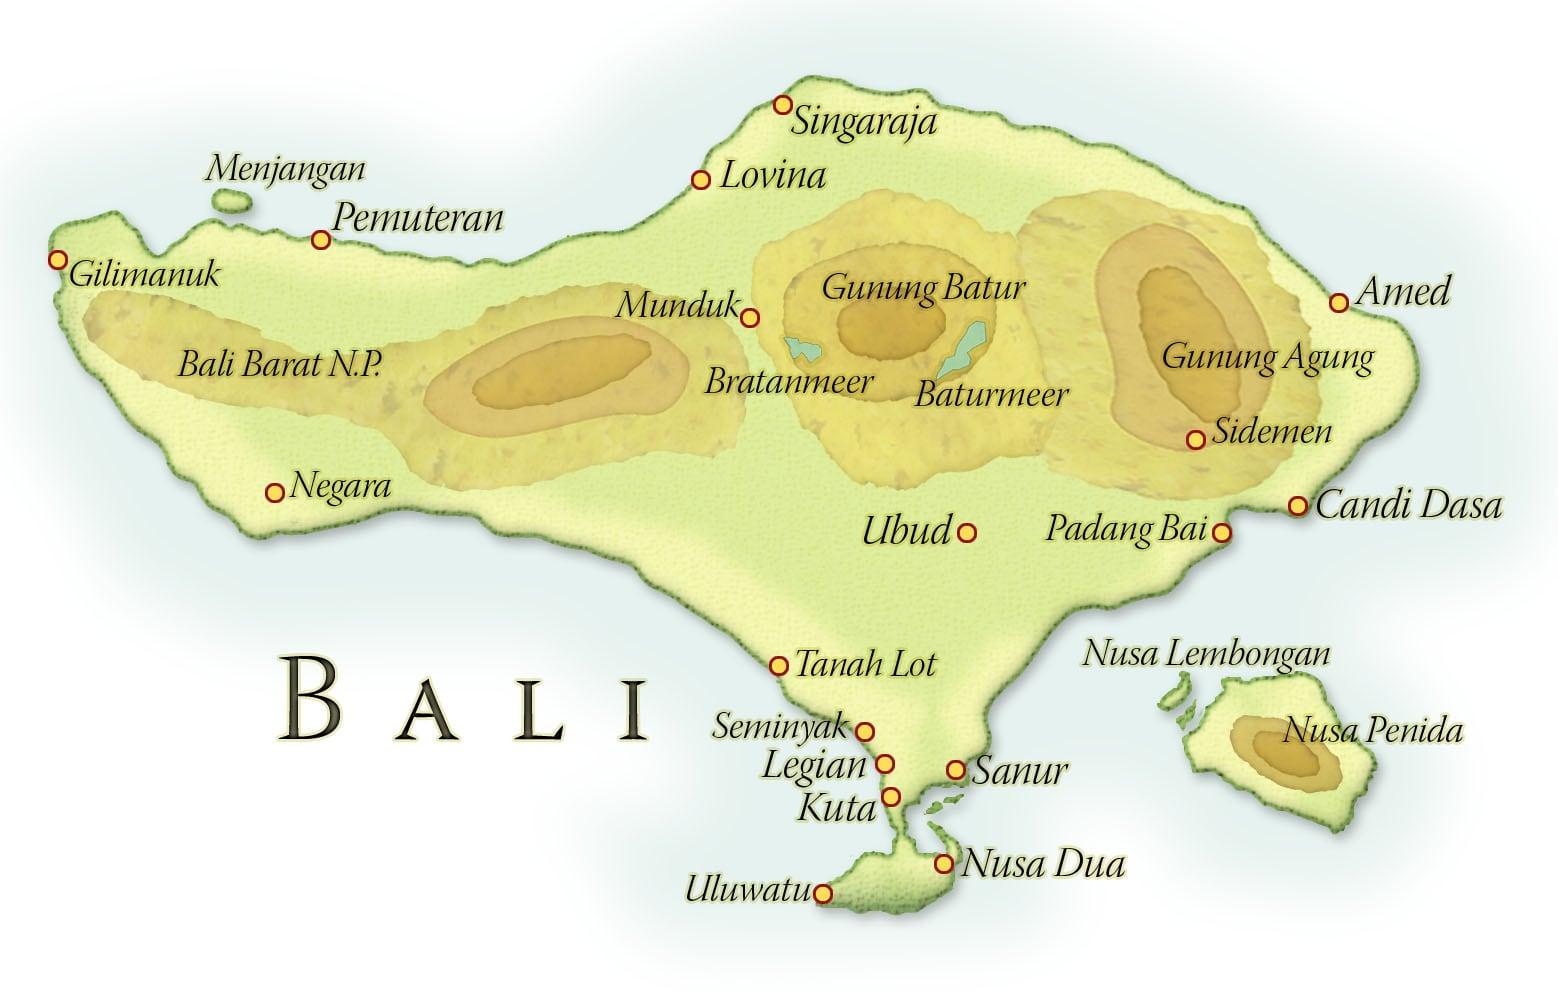 Landkaart Bali, april 2013